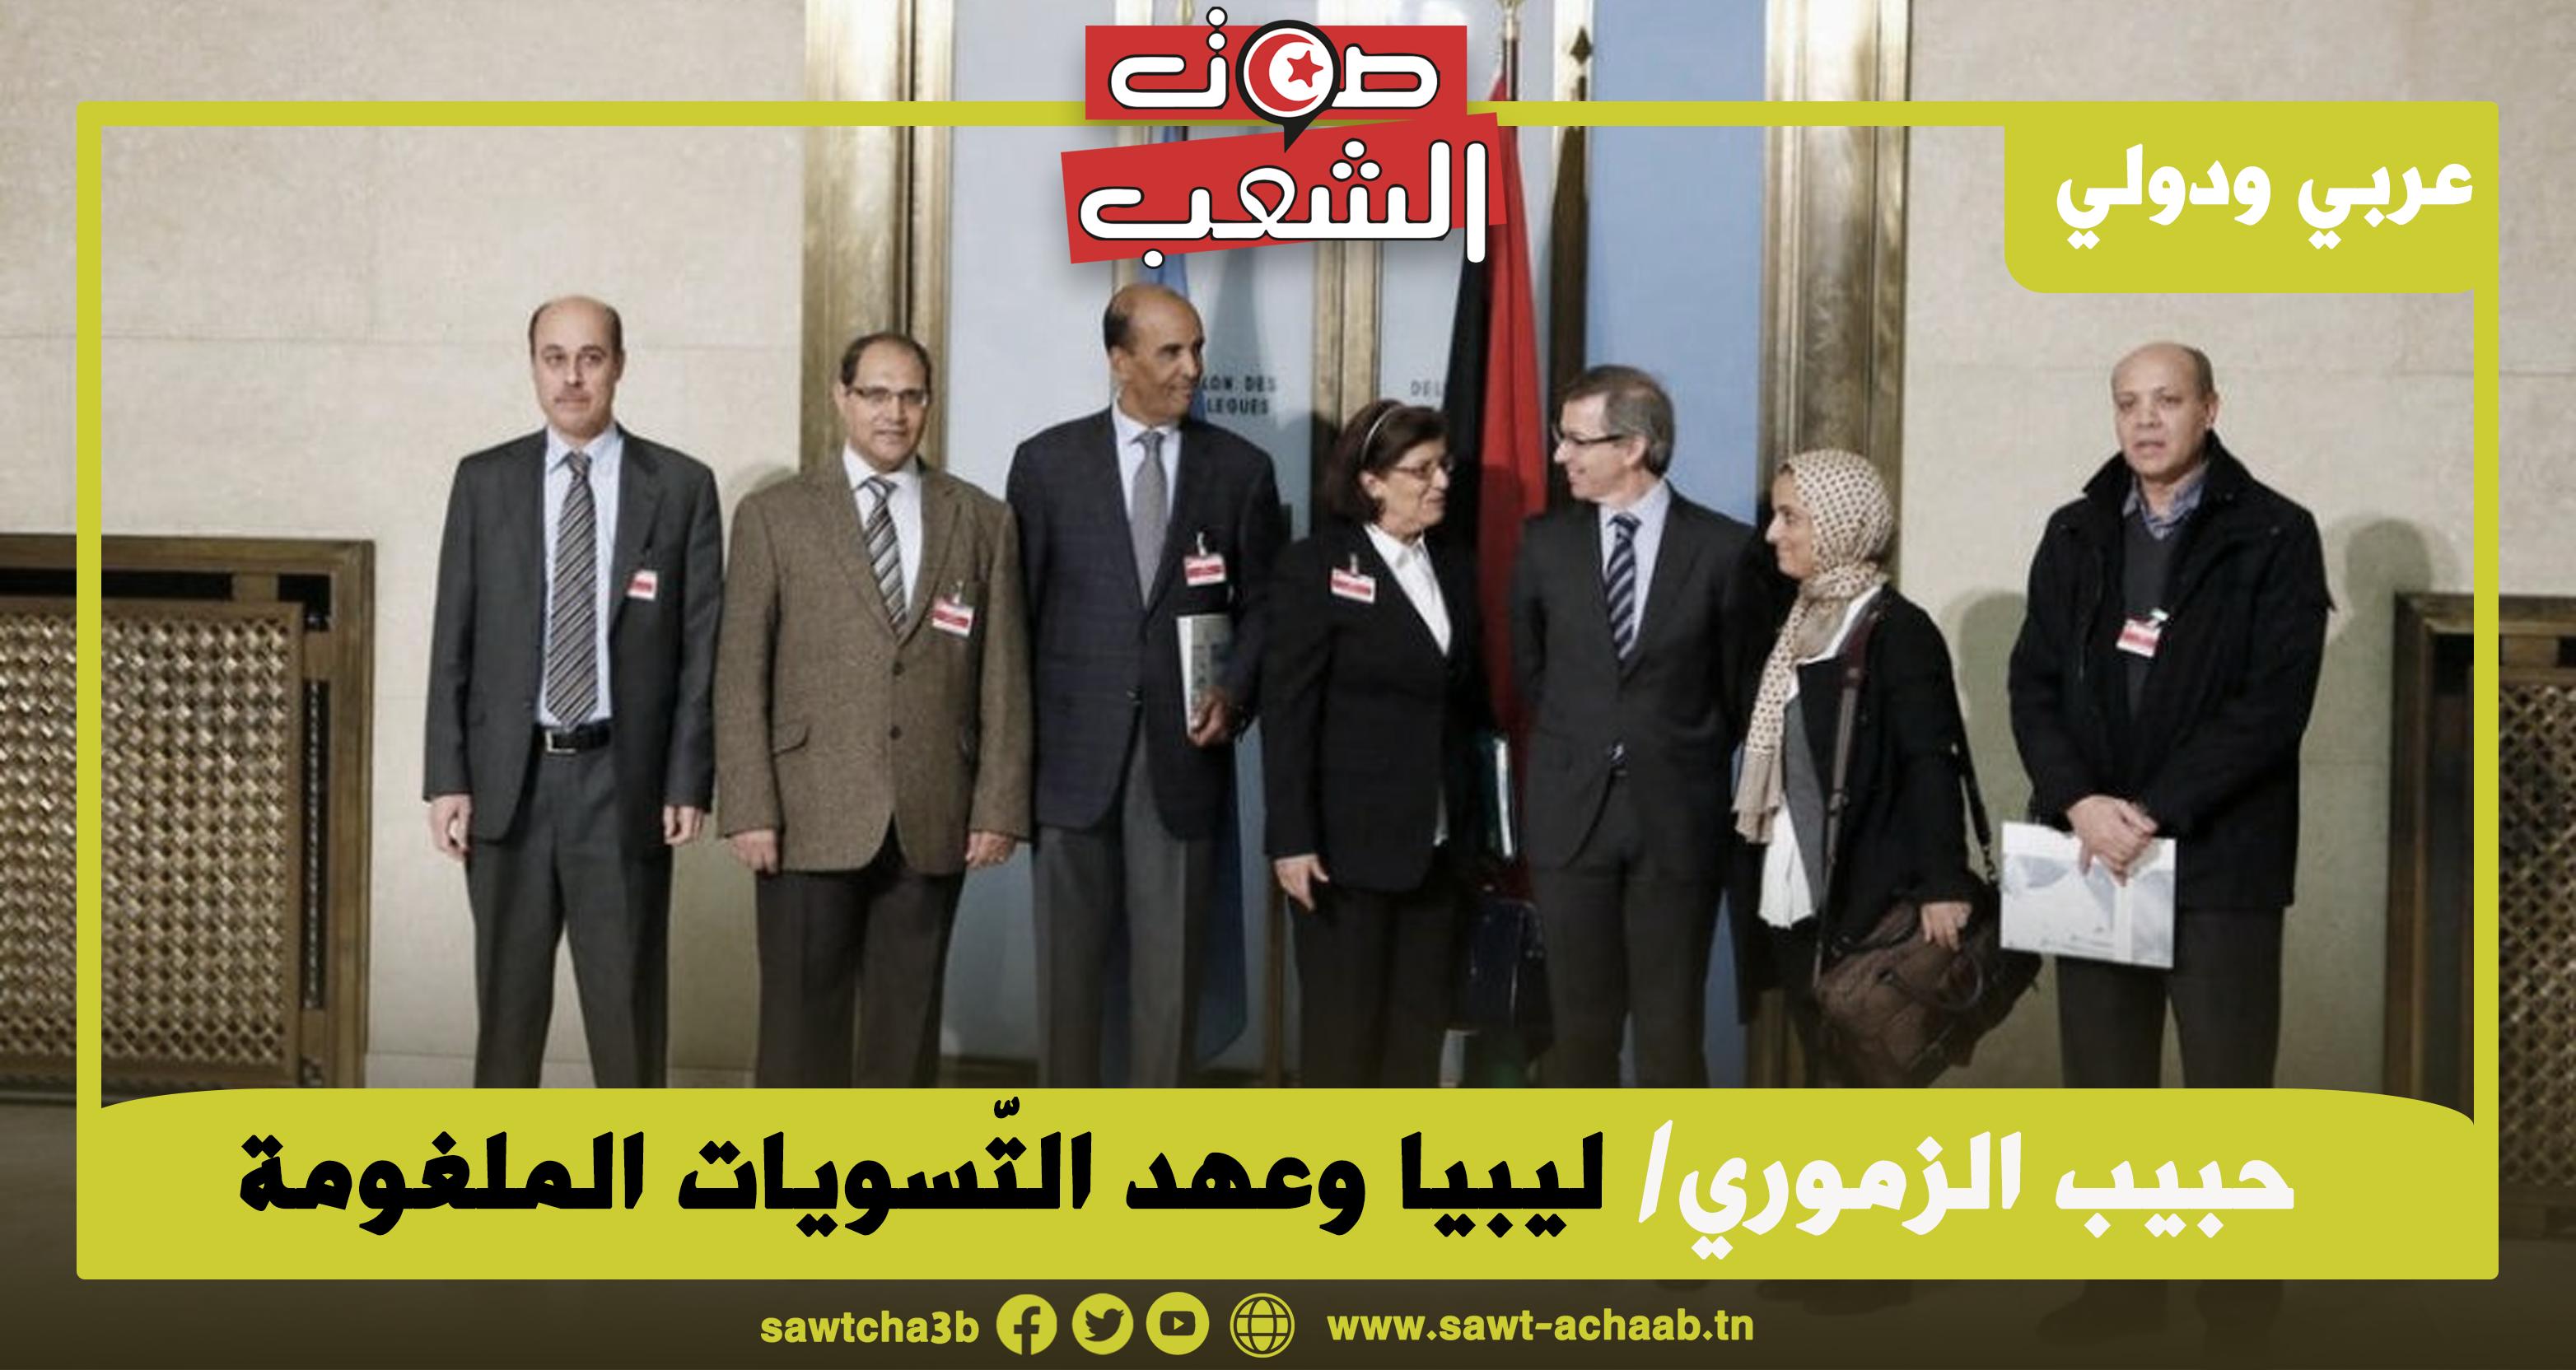 ليبيا وعهد التّسويات الملغومة